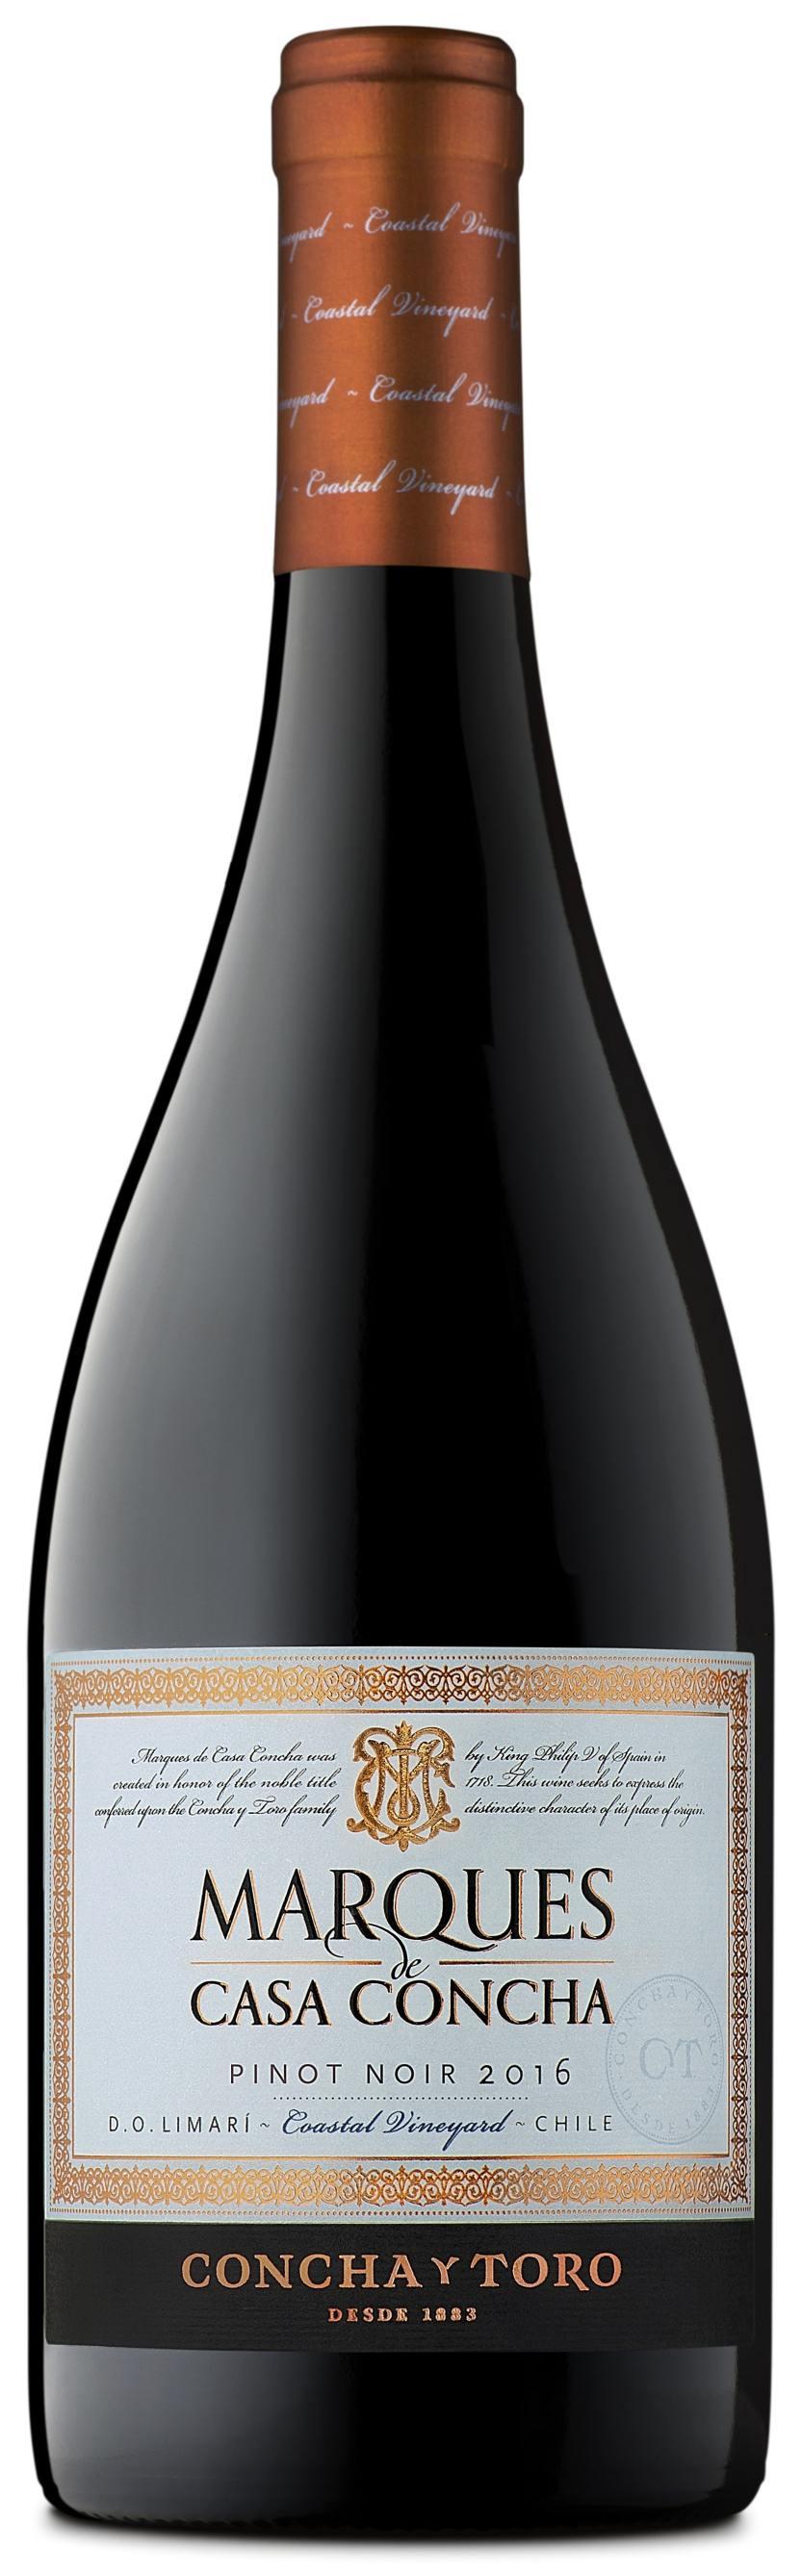 Marques-de-Casa-Concha-Pinot-Noir-2016-New-Image--1-